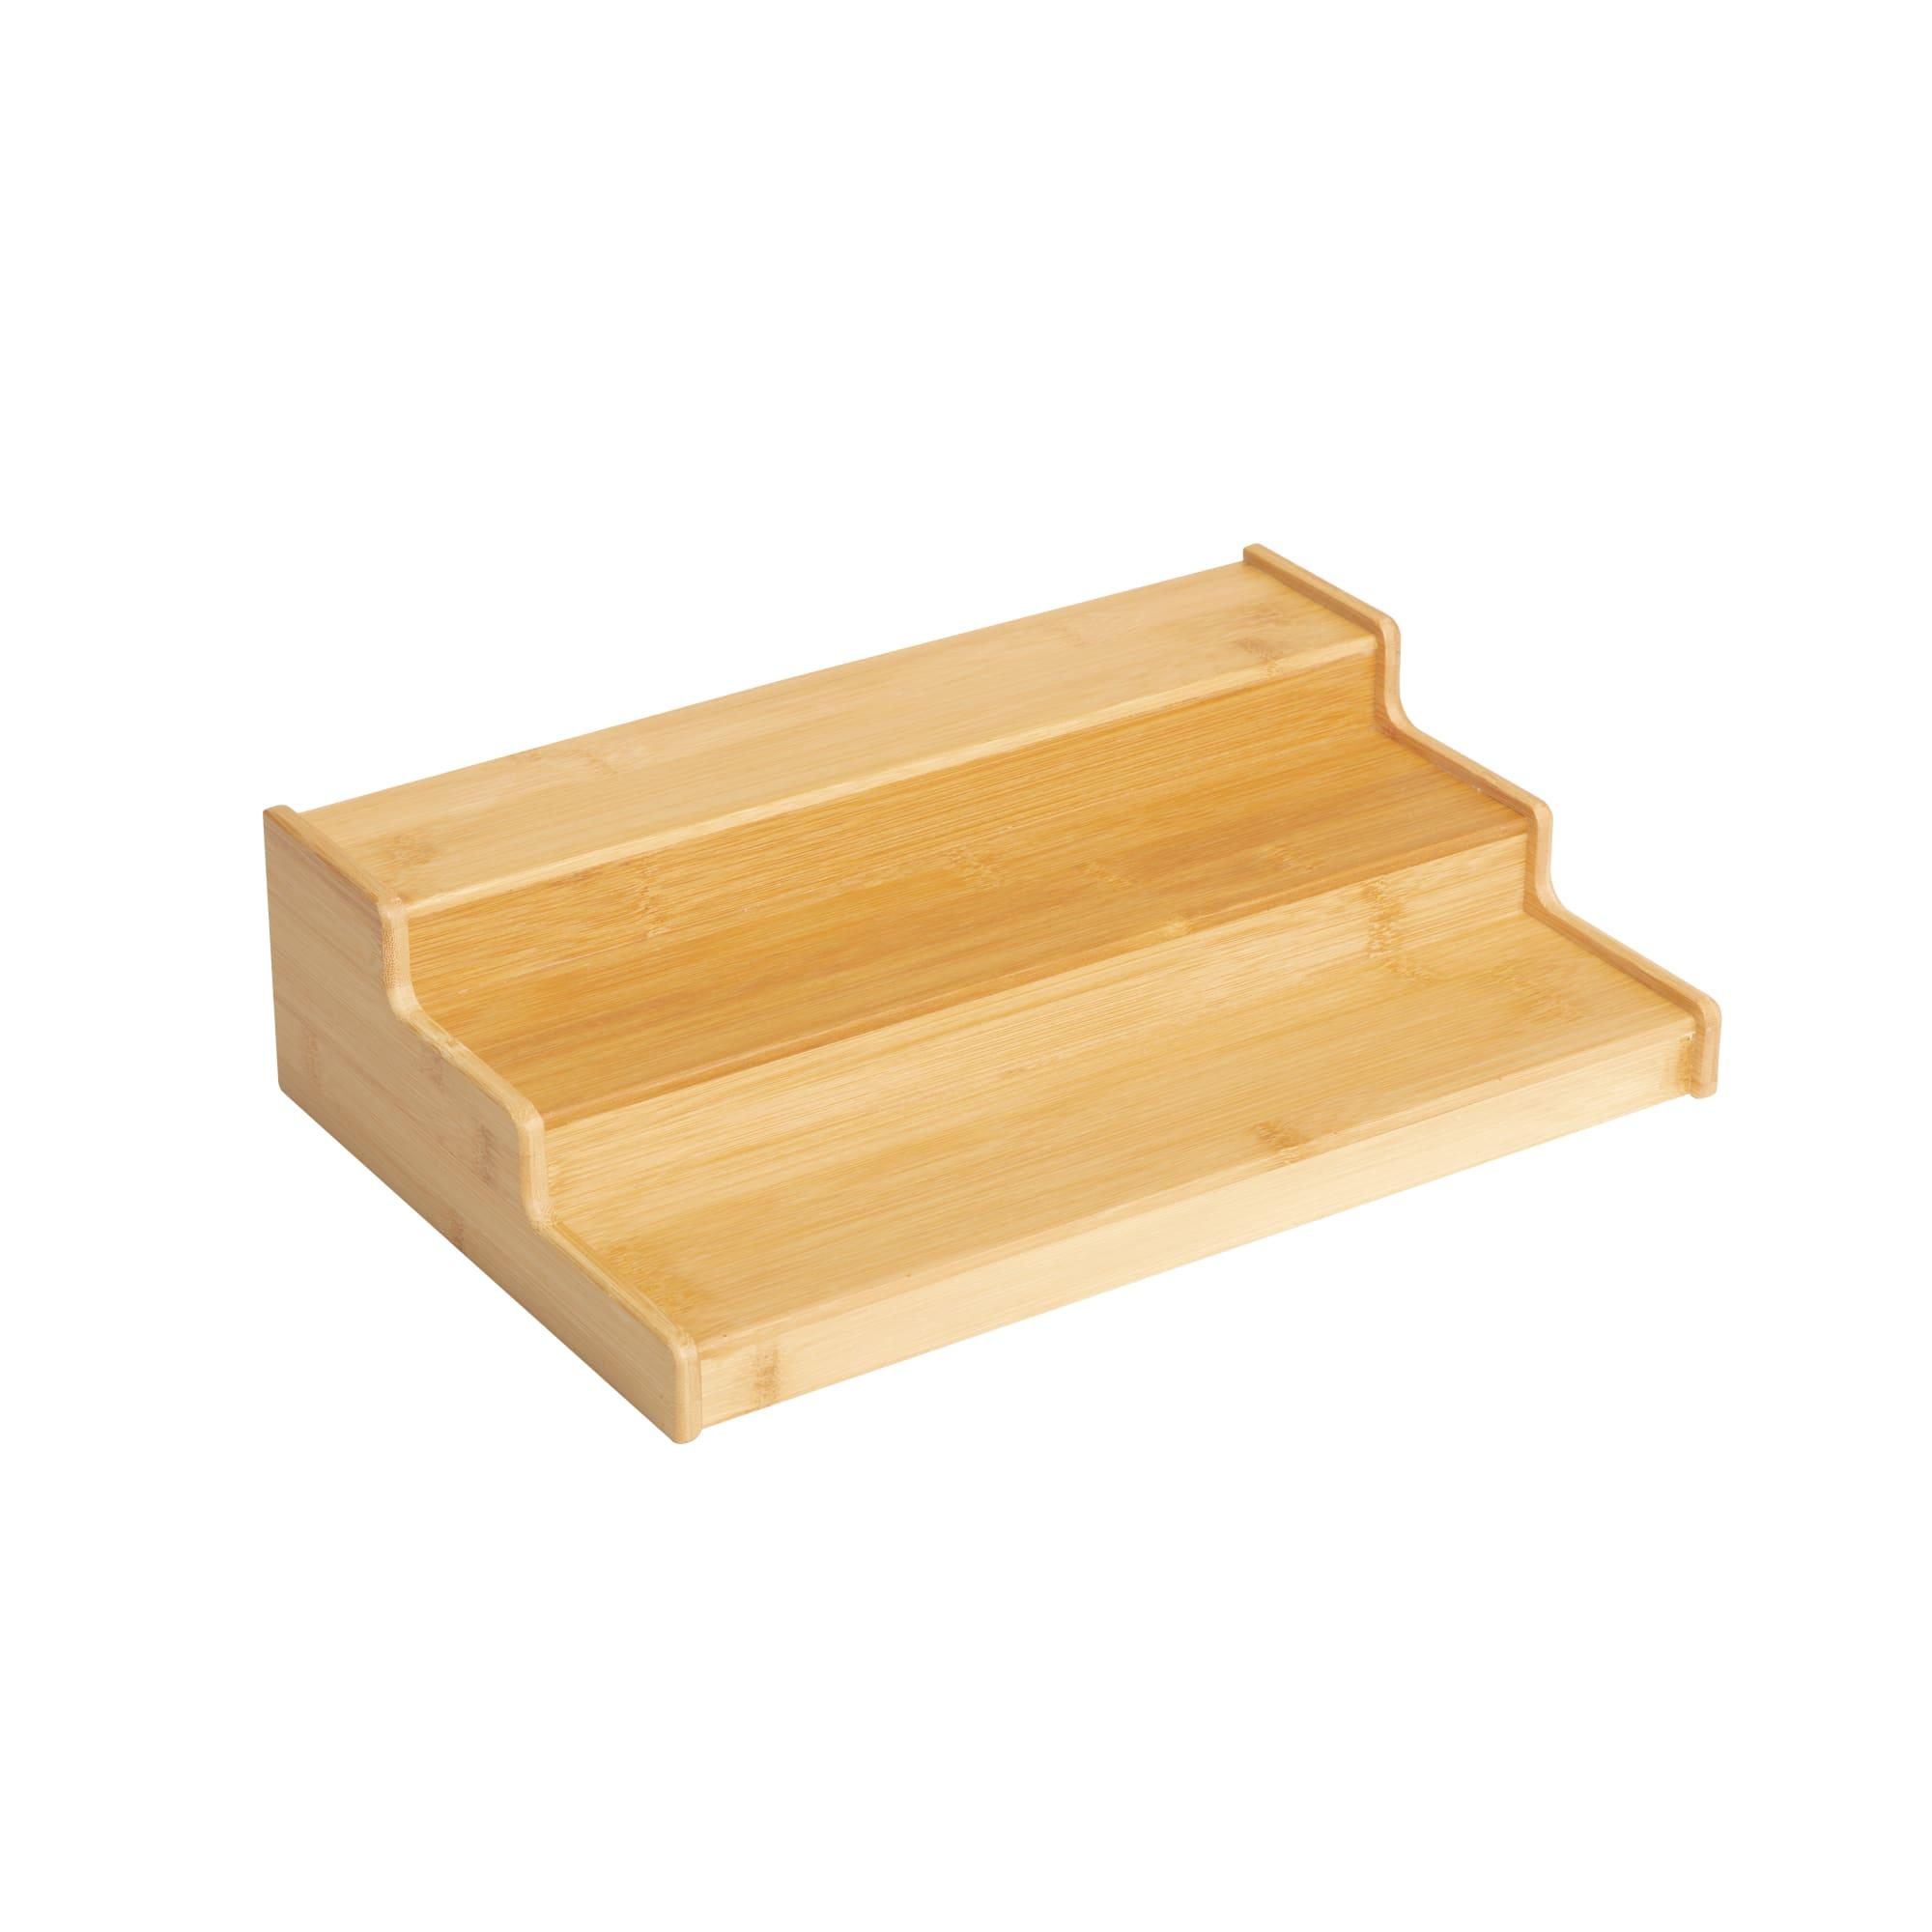 Kitchen Pro Eco Shelf Organiser 38x25x10cm Natural